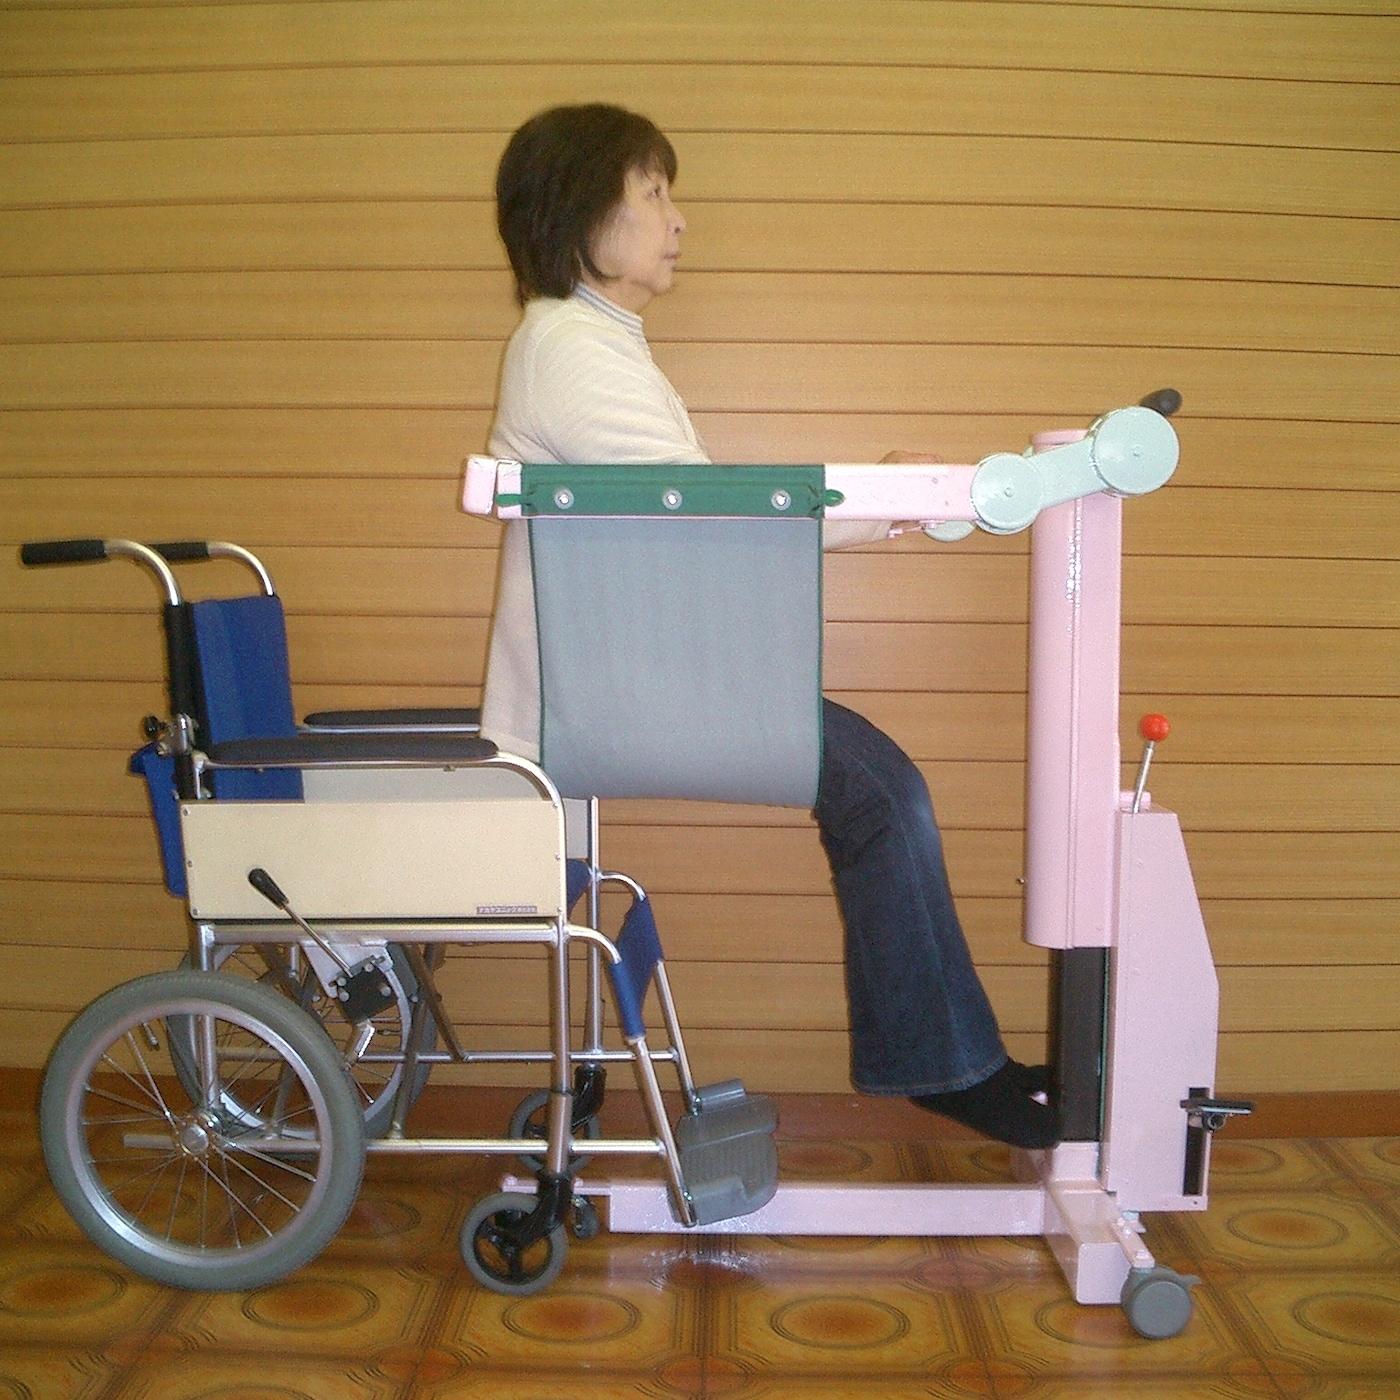 端座位での車椅子への移乗